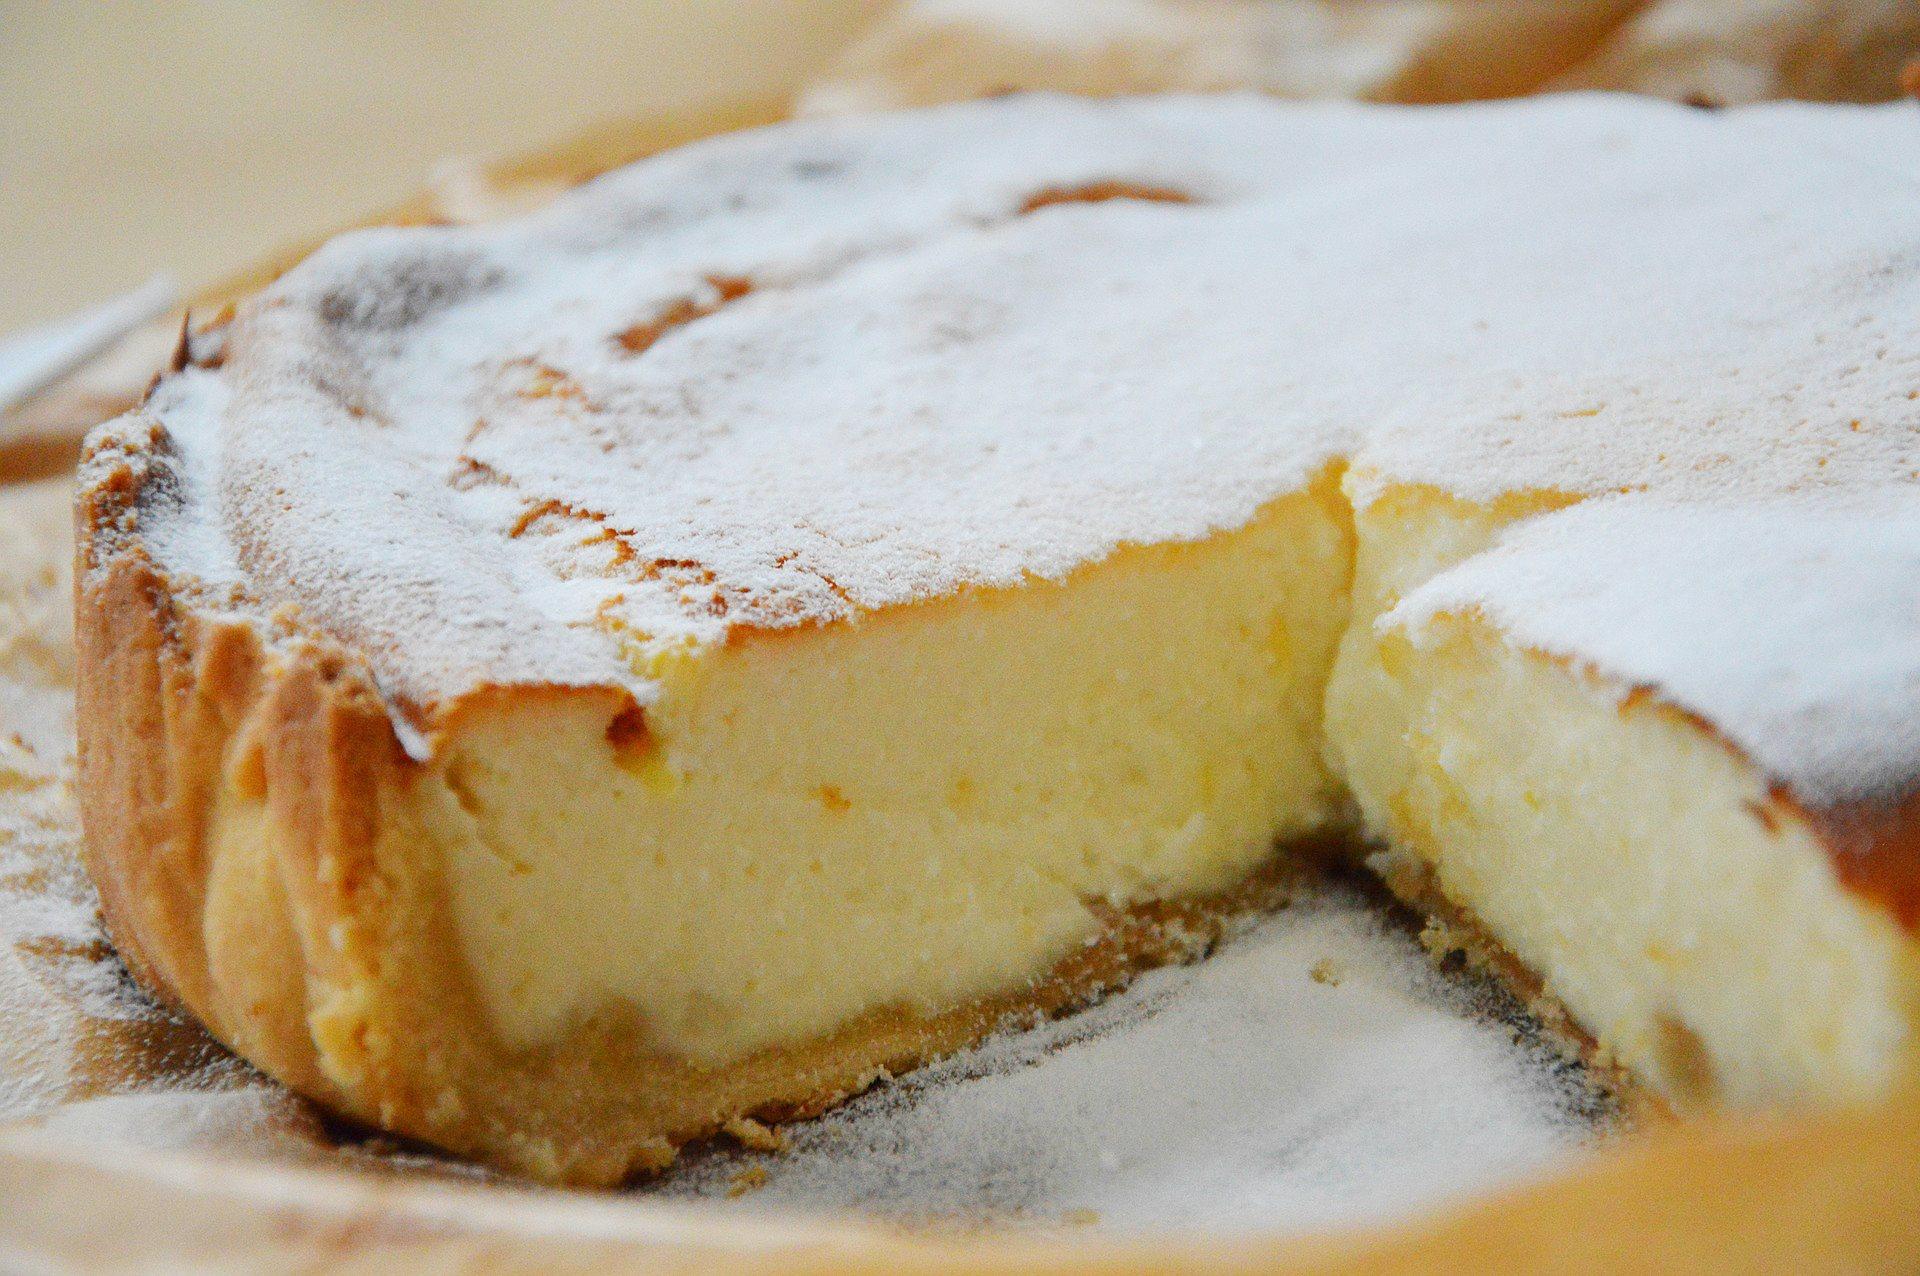 Receta de tarta de queso al horno con mascarpone sobre galletas